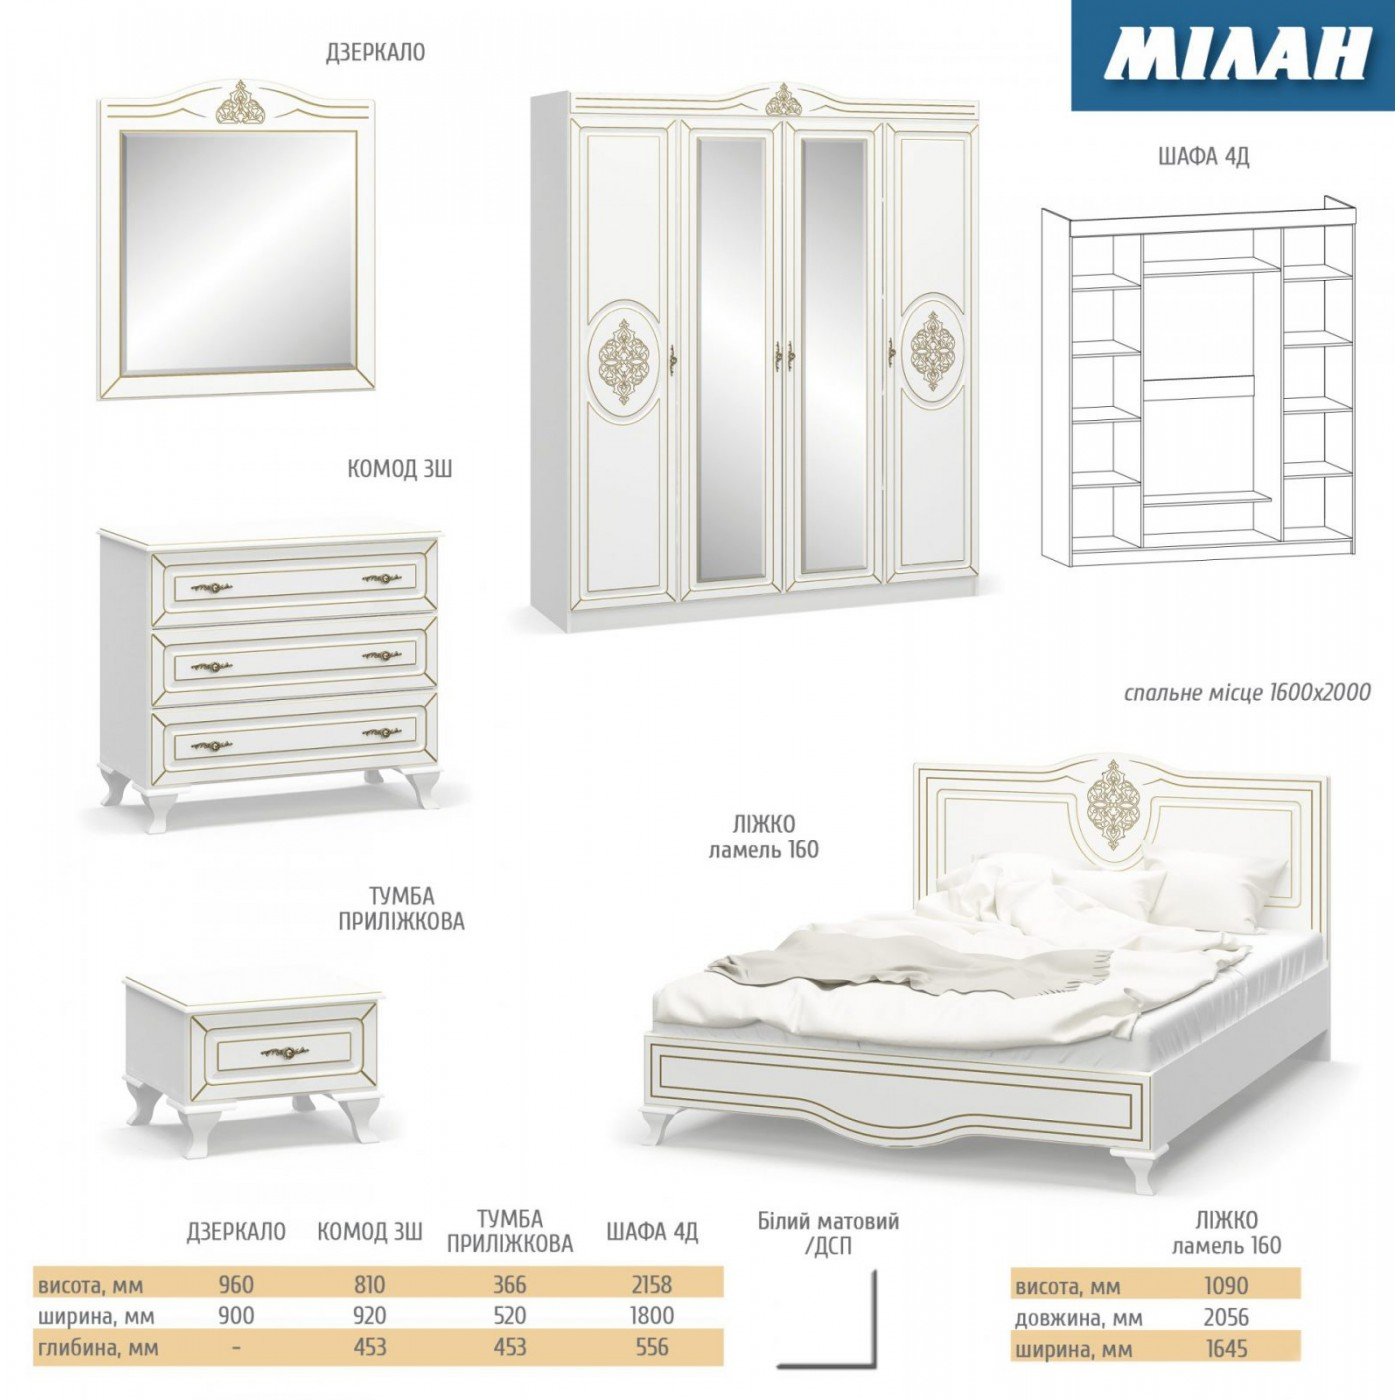 Милан кровать